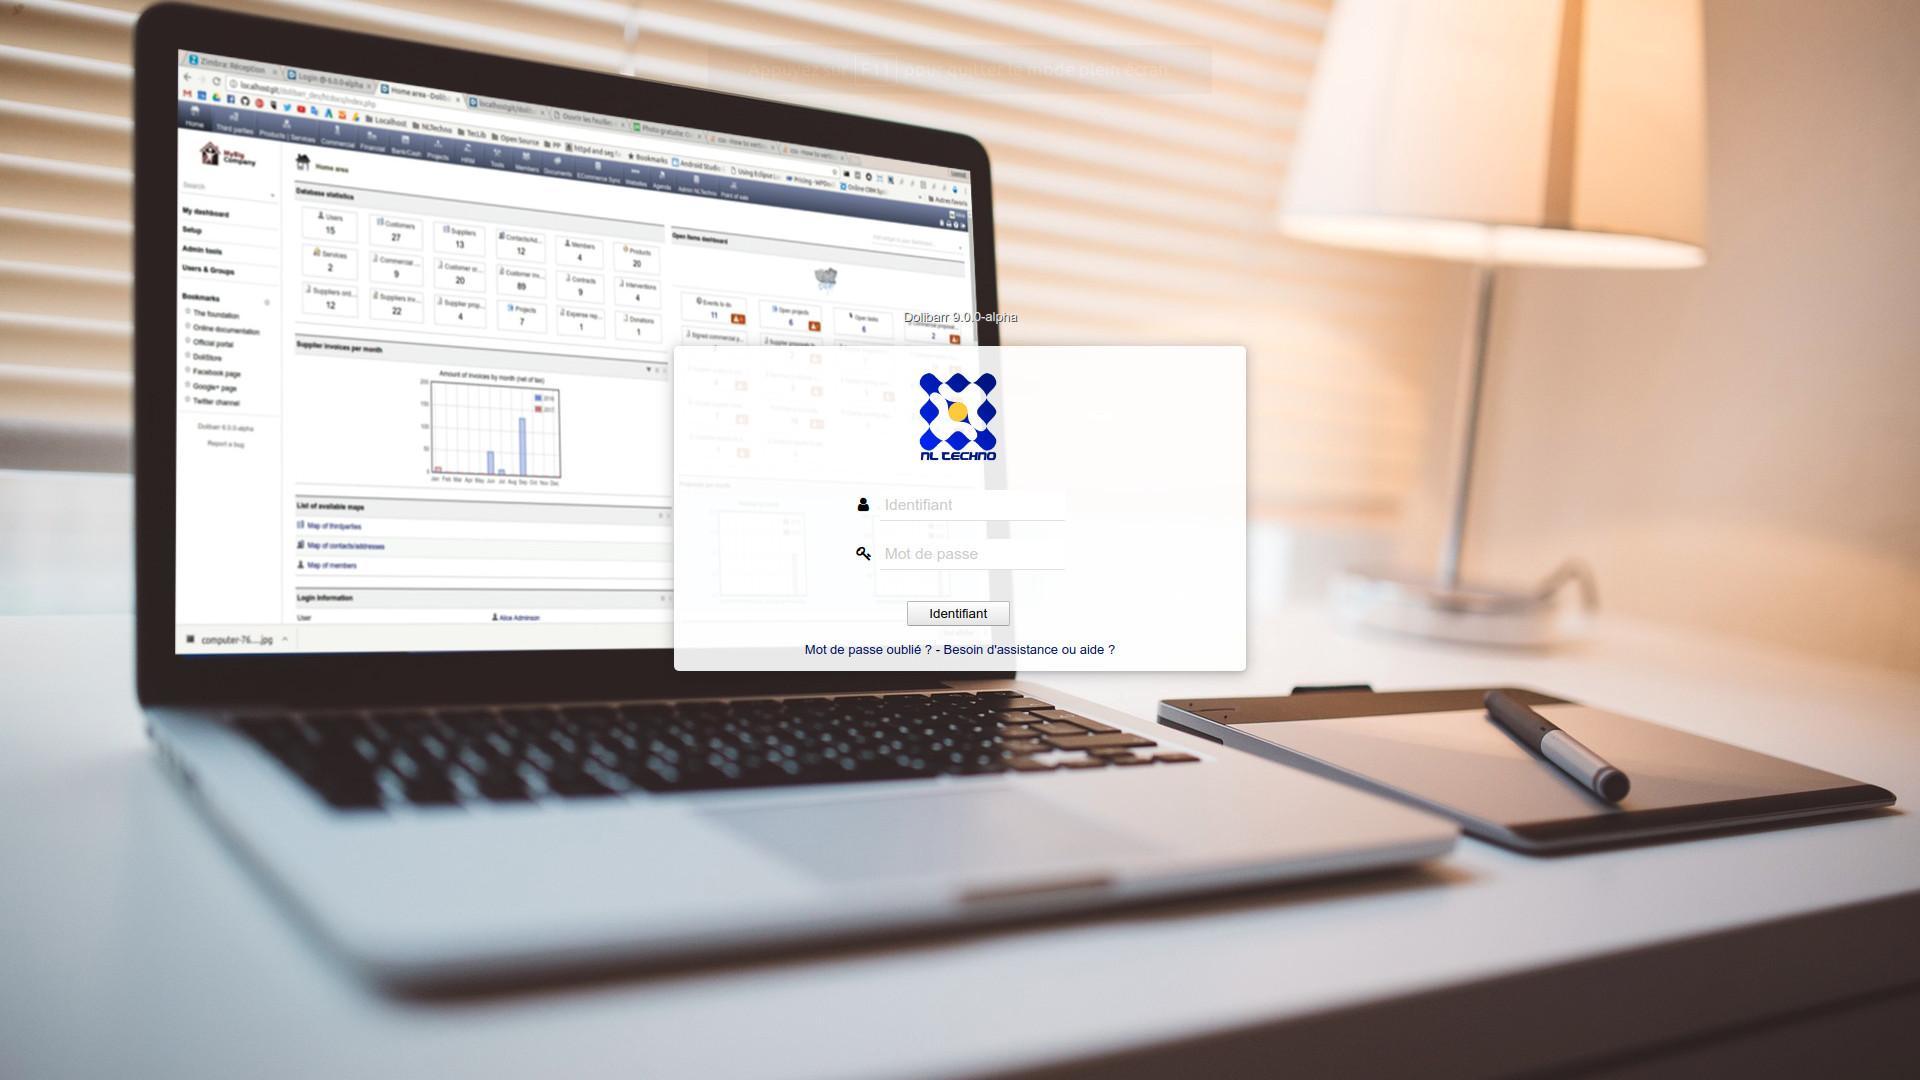 Avaliação Dolibarr ERP CRM: ERP et CRM Open Source (100% na nuvem ou local) - appvizer